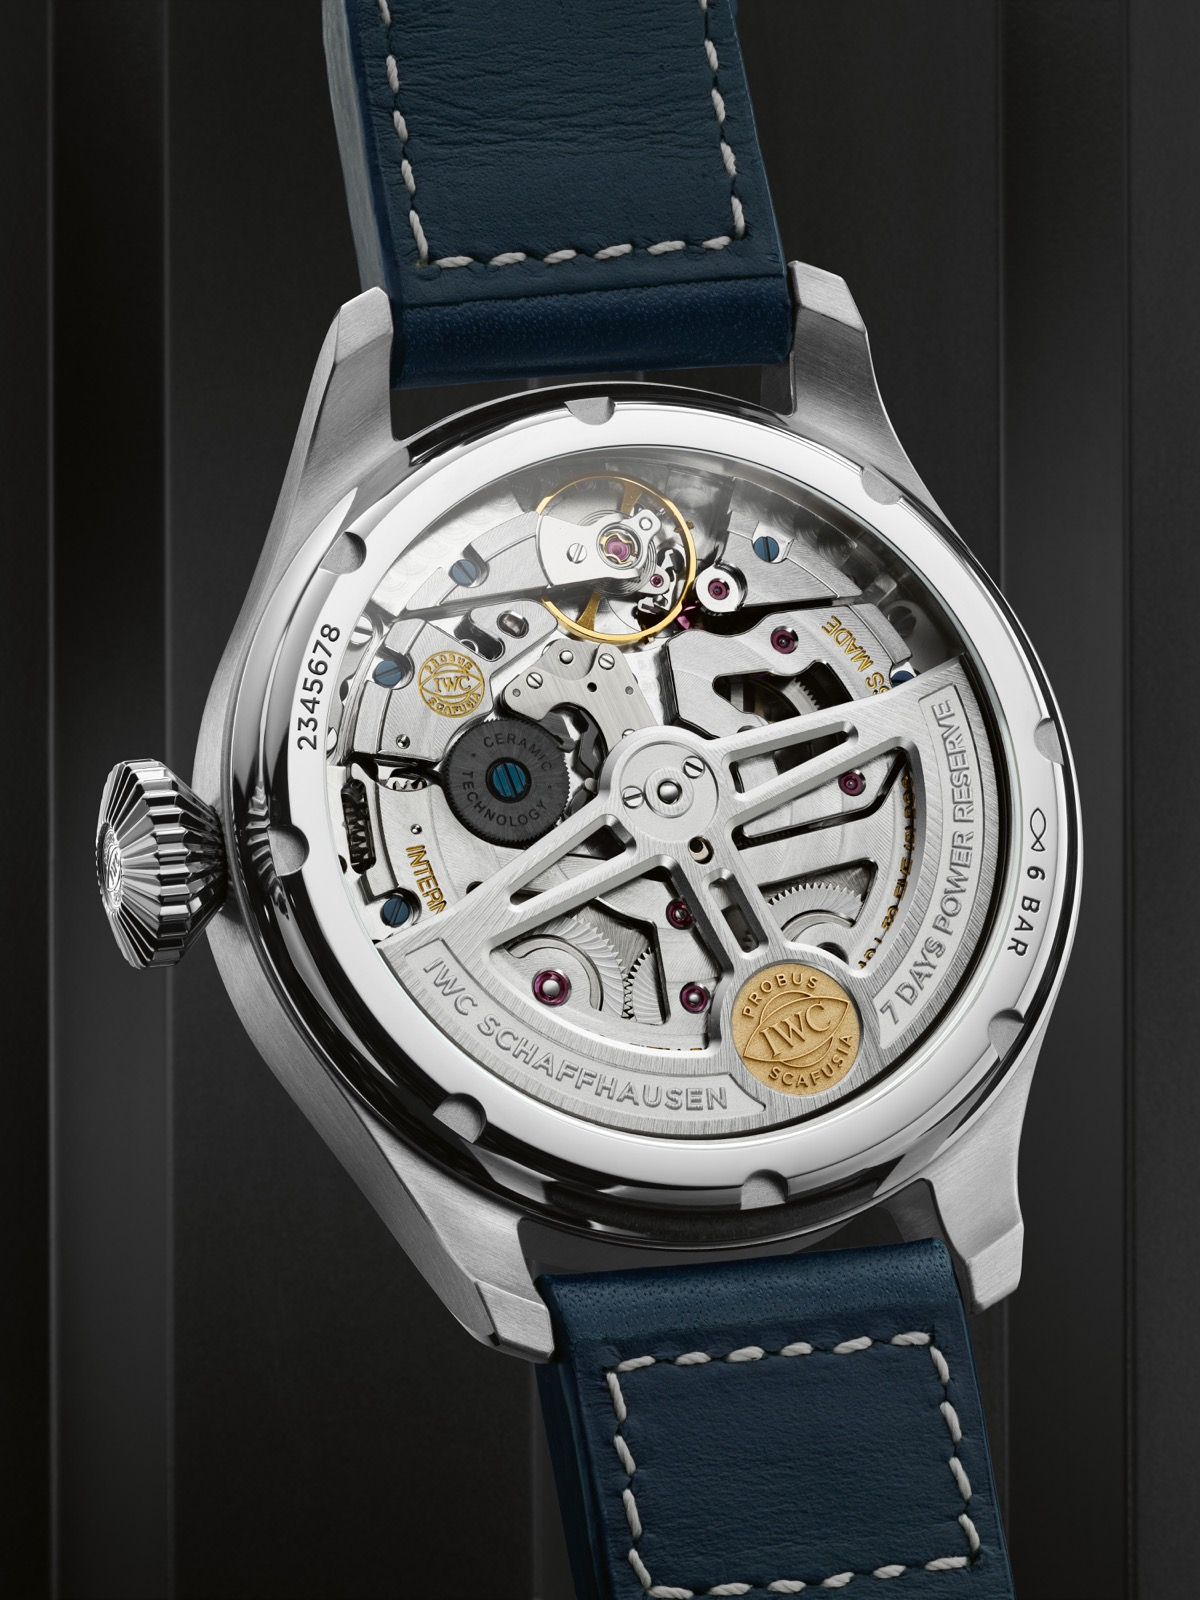 Big Pilot Pilot's Watches Perpetual Calendar